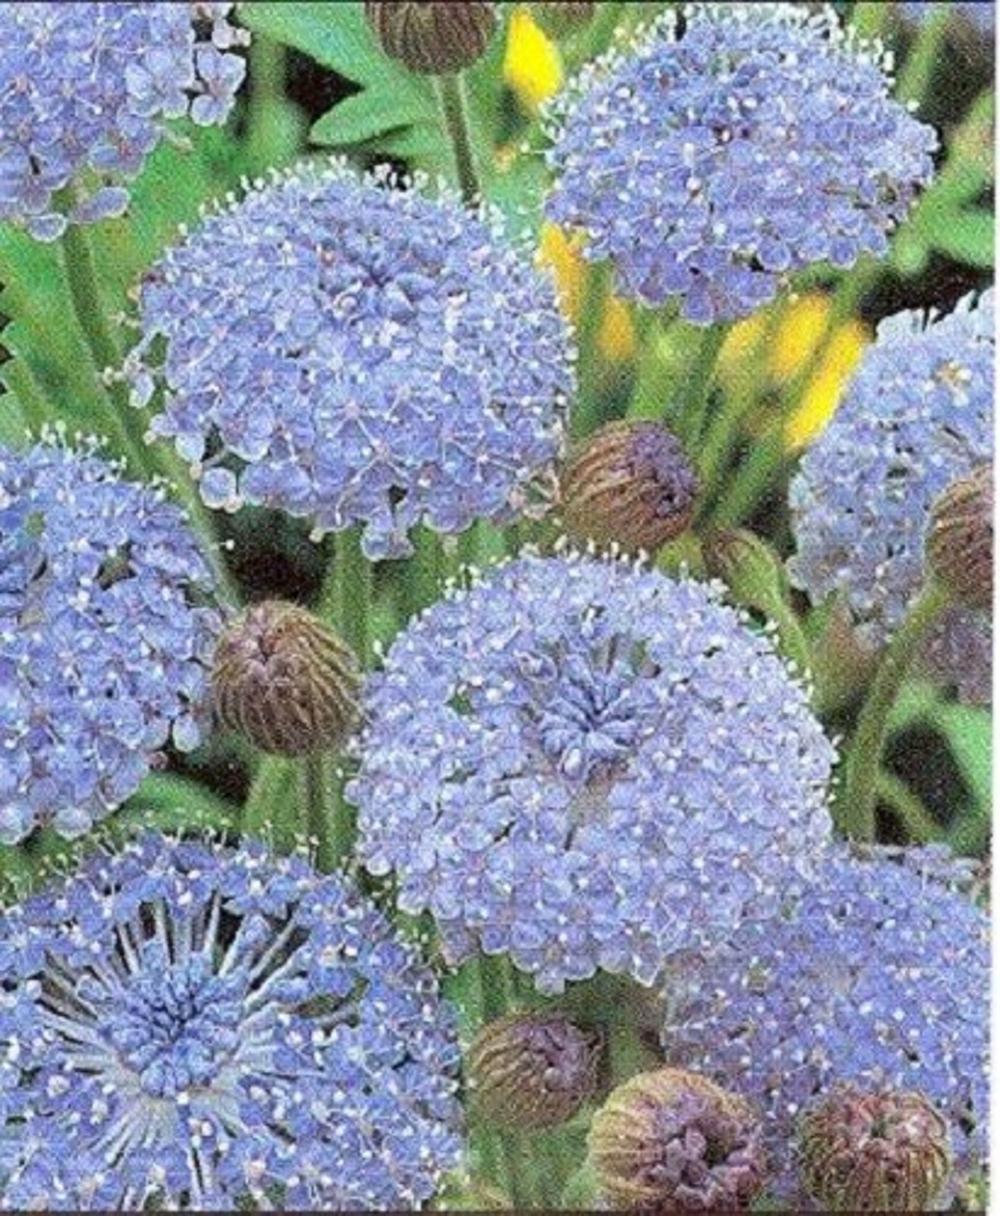 100 Blue Lace Flower Island Daisy Trachymene Coerulea Flower Etsy In 2020 Flower Seeds Trees To Plant Flowers